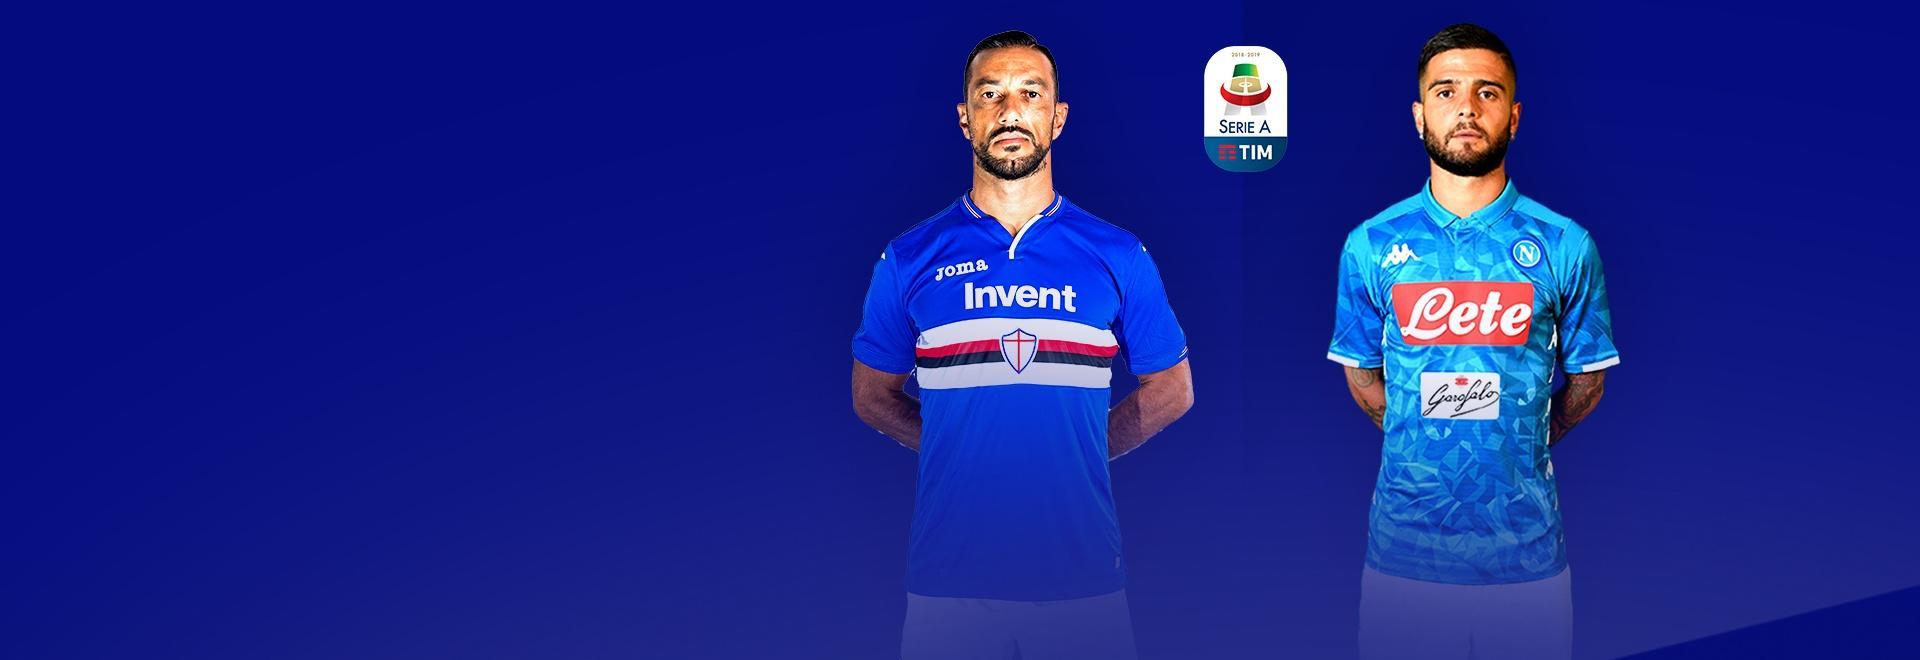 Sampdoria - Napoli. 3a g.